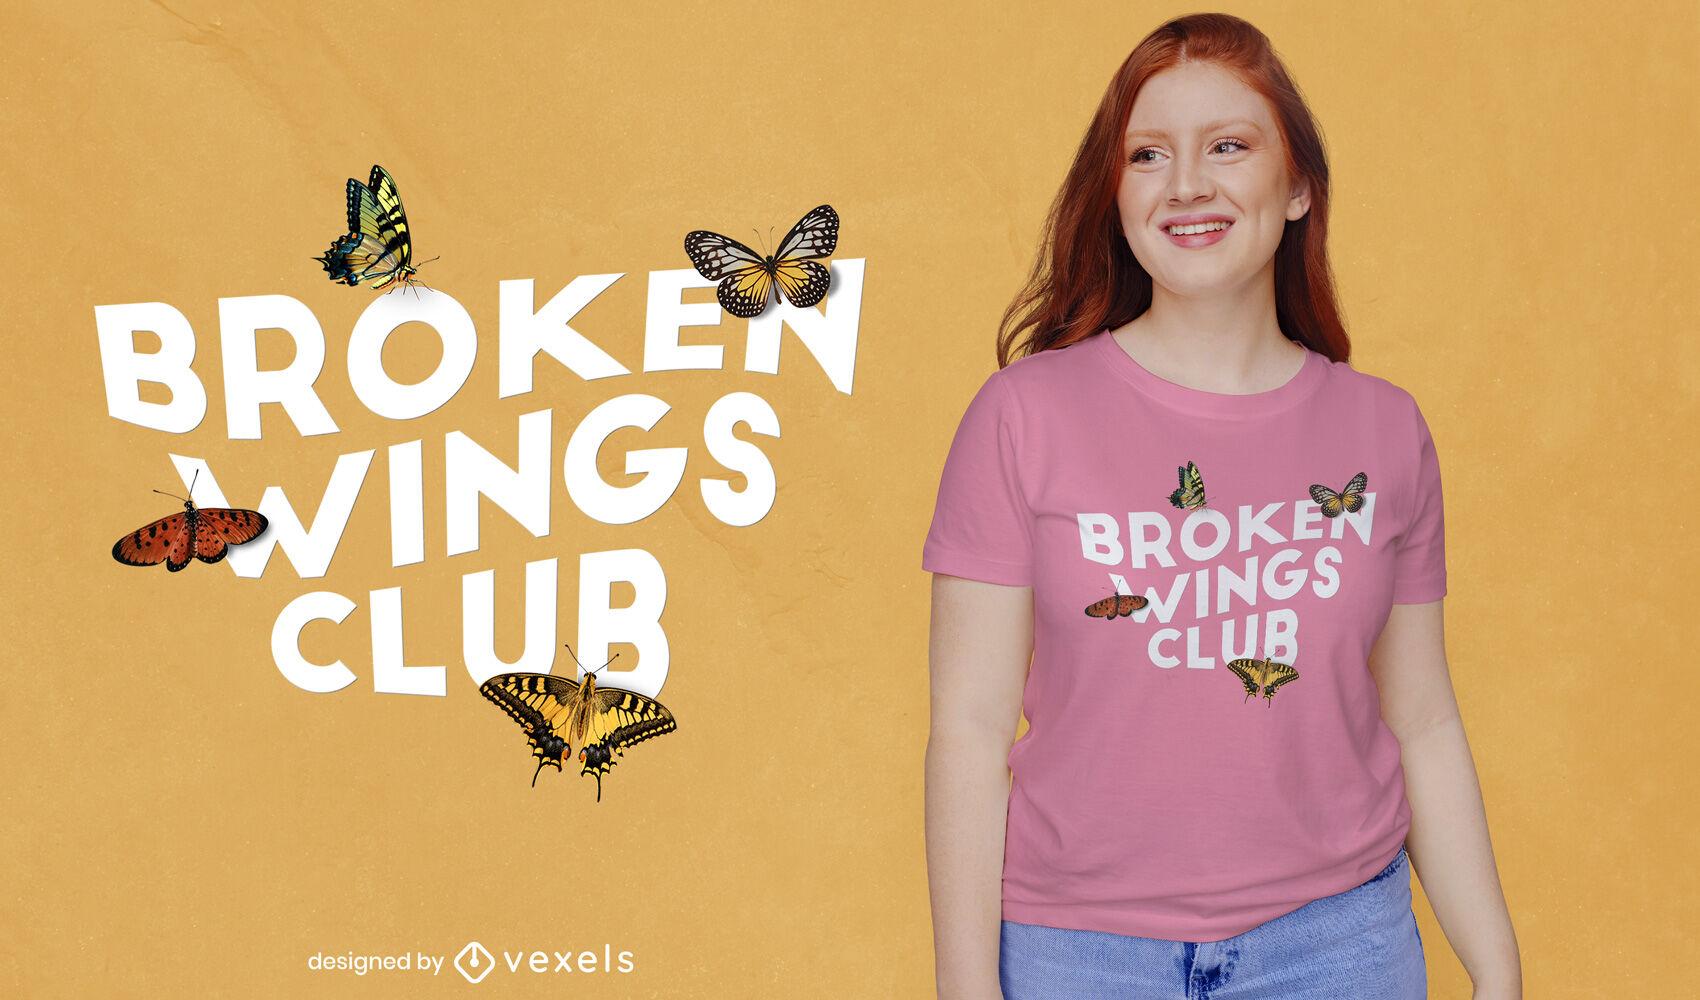 Broken wings club butterflies psd t-shirt design